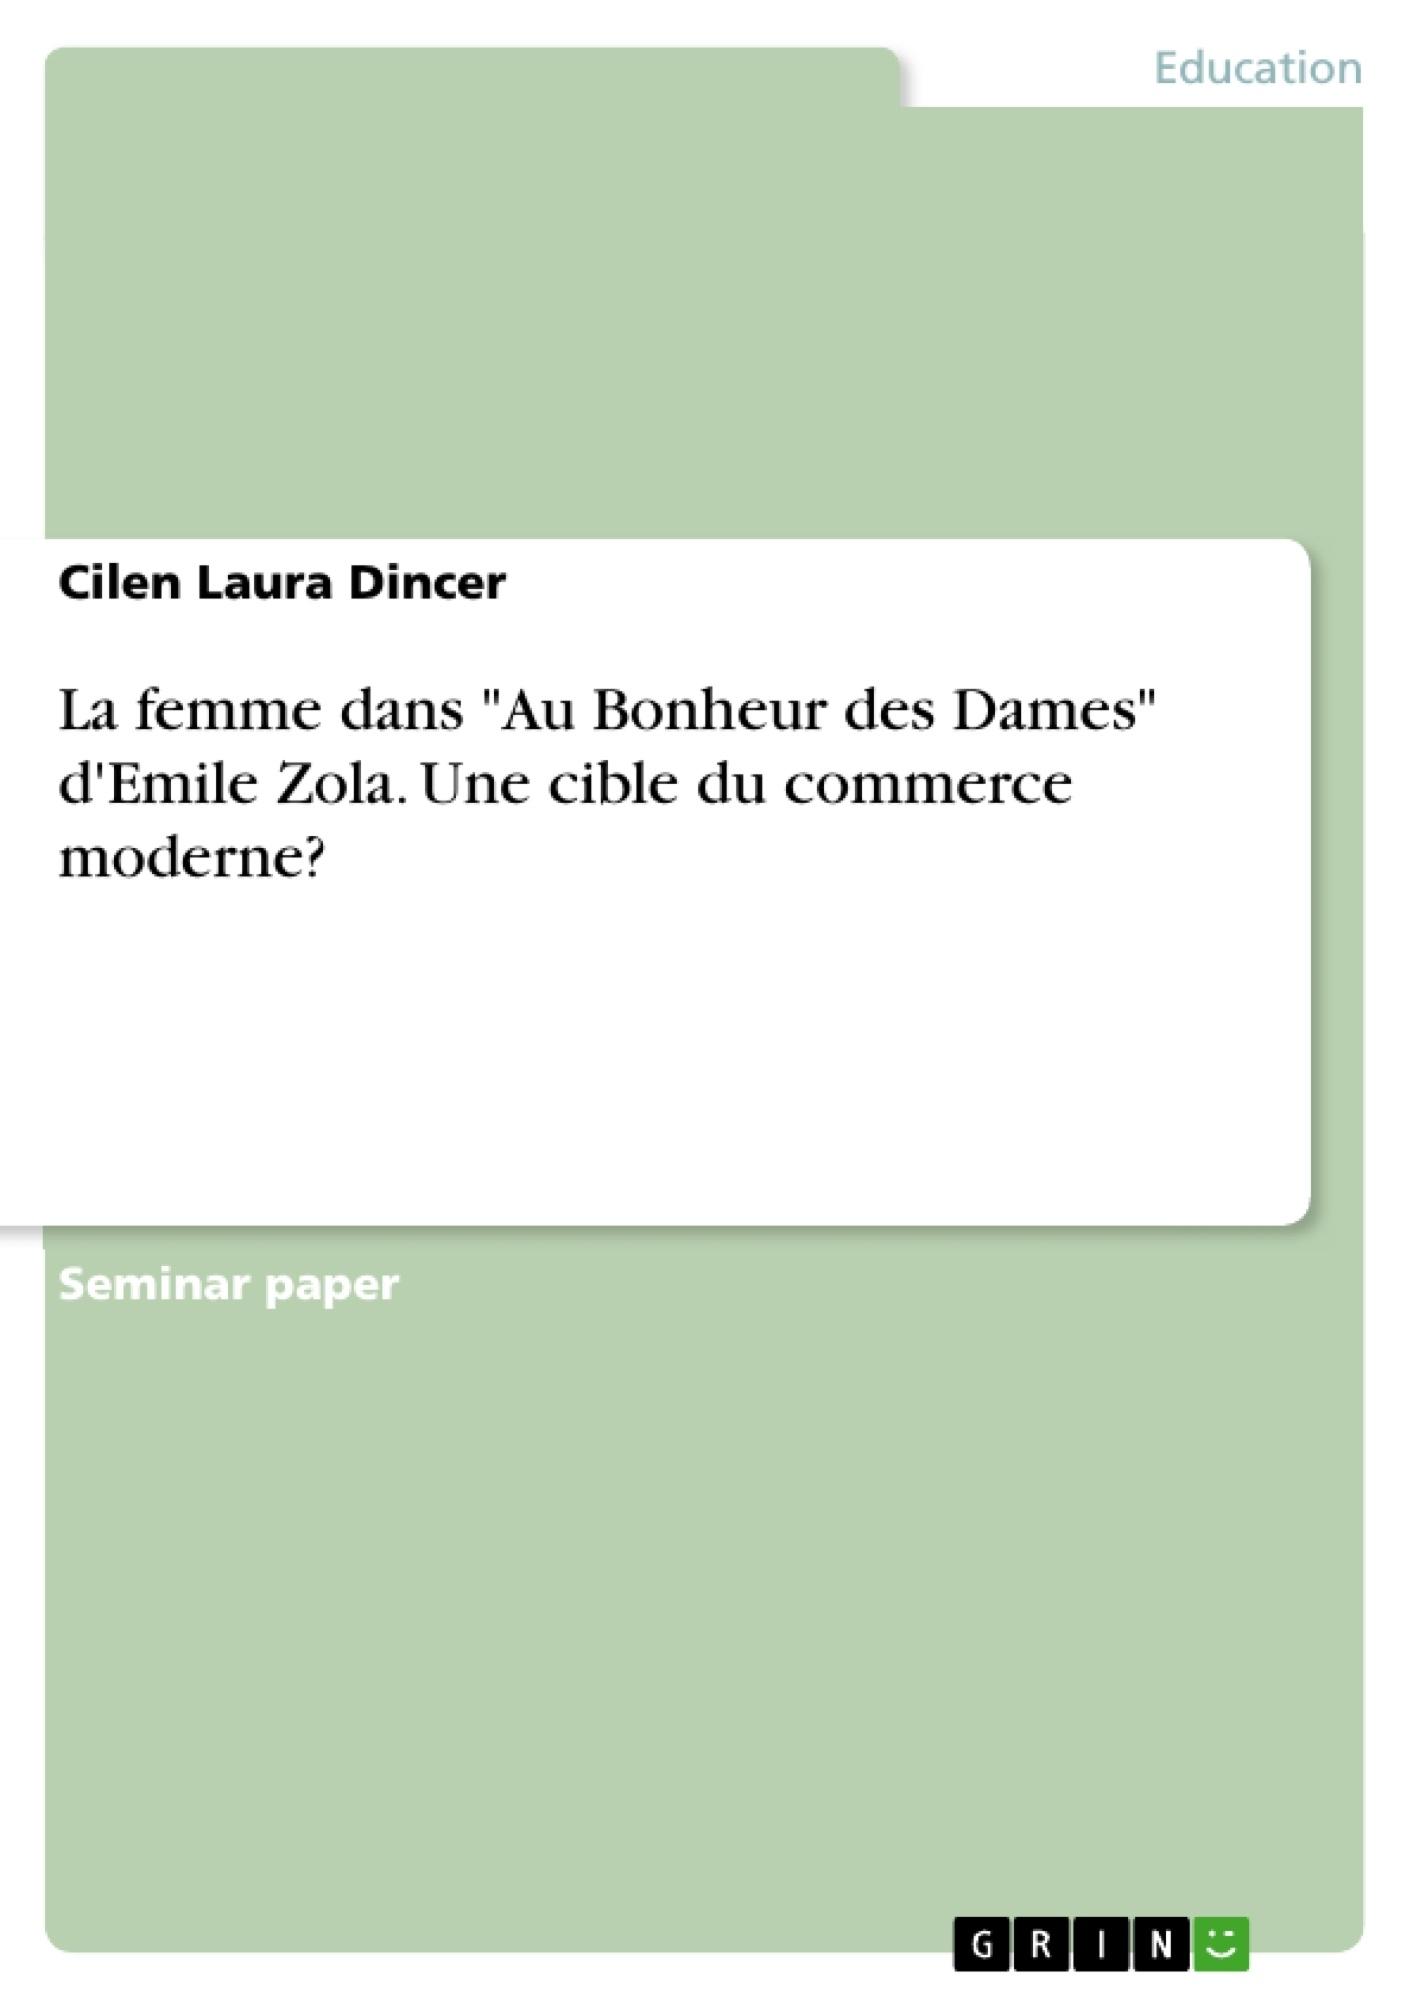 """Titre: La femme dans """"Au Bonheur des Dames"""" d'Emile Zola. Une cible du commerce moderne?"""